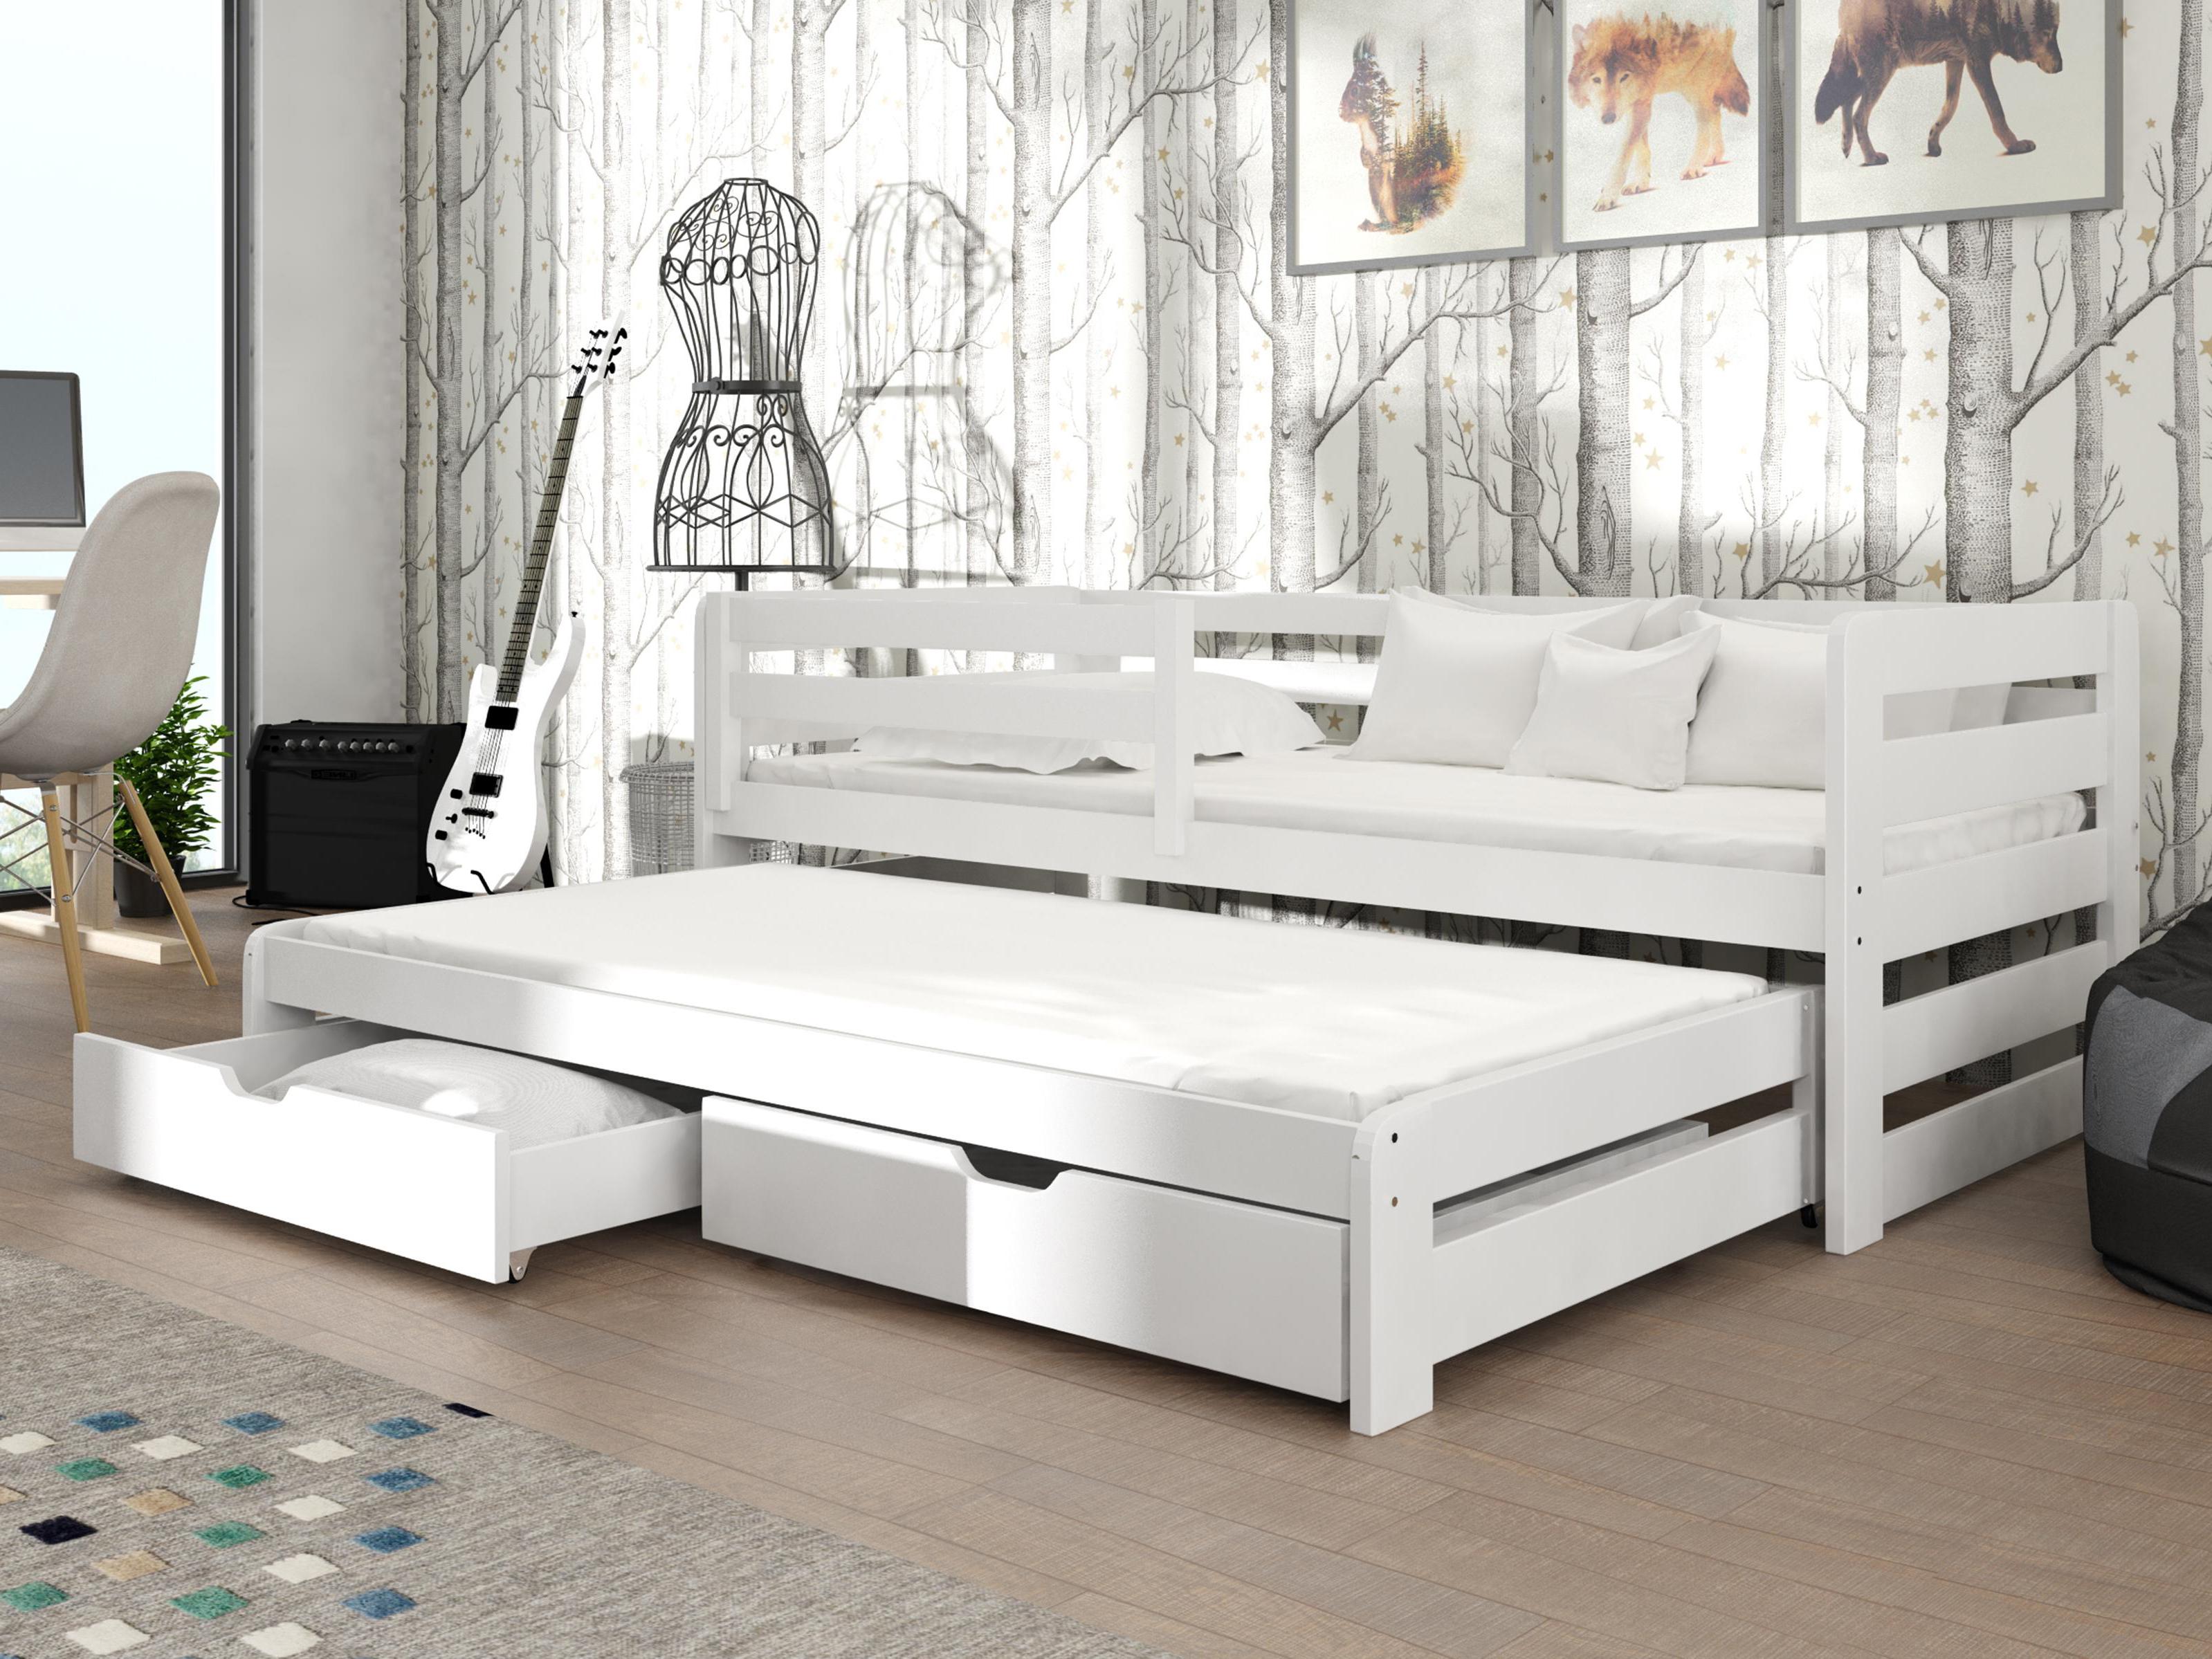 c8de83d12cd0 Detské postele od 113 € v akcii až -33% • NovýNábytok.sk